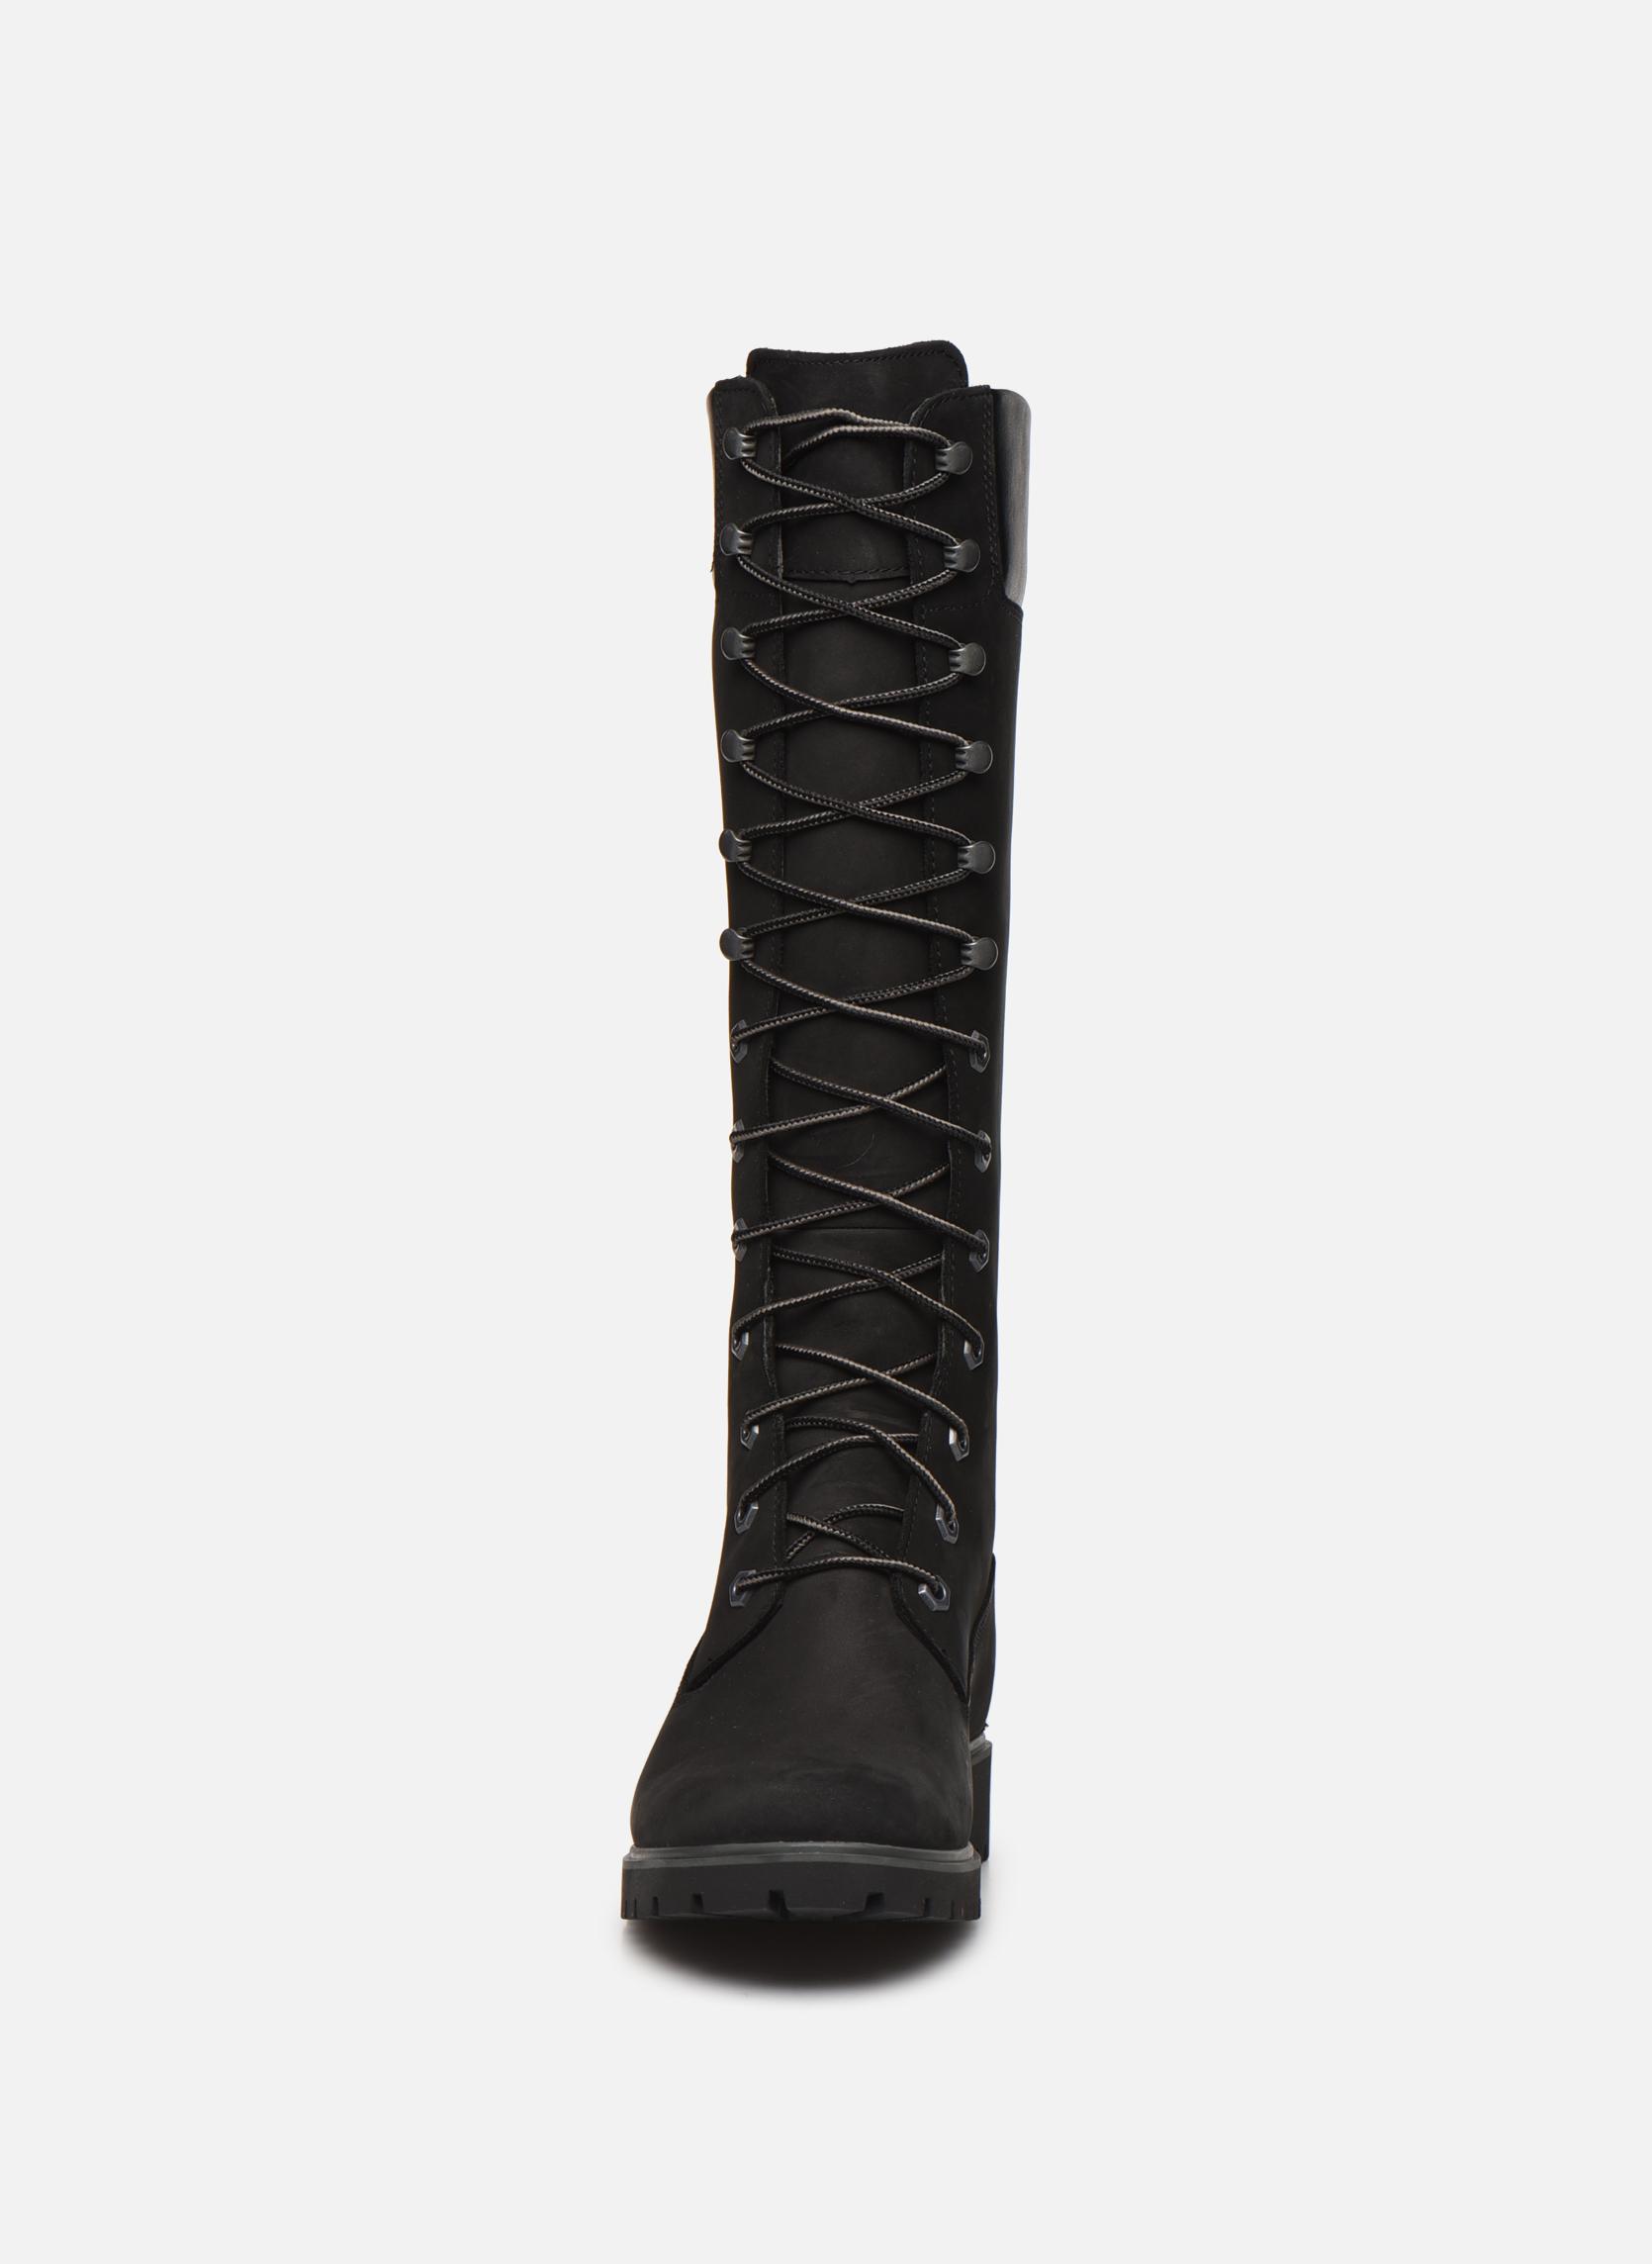 Stiefel Timberland Women's Premium 14 inch schwarz schuhe getragen